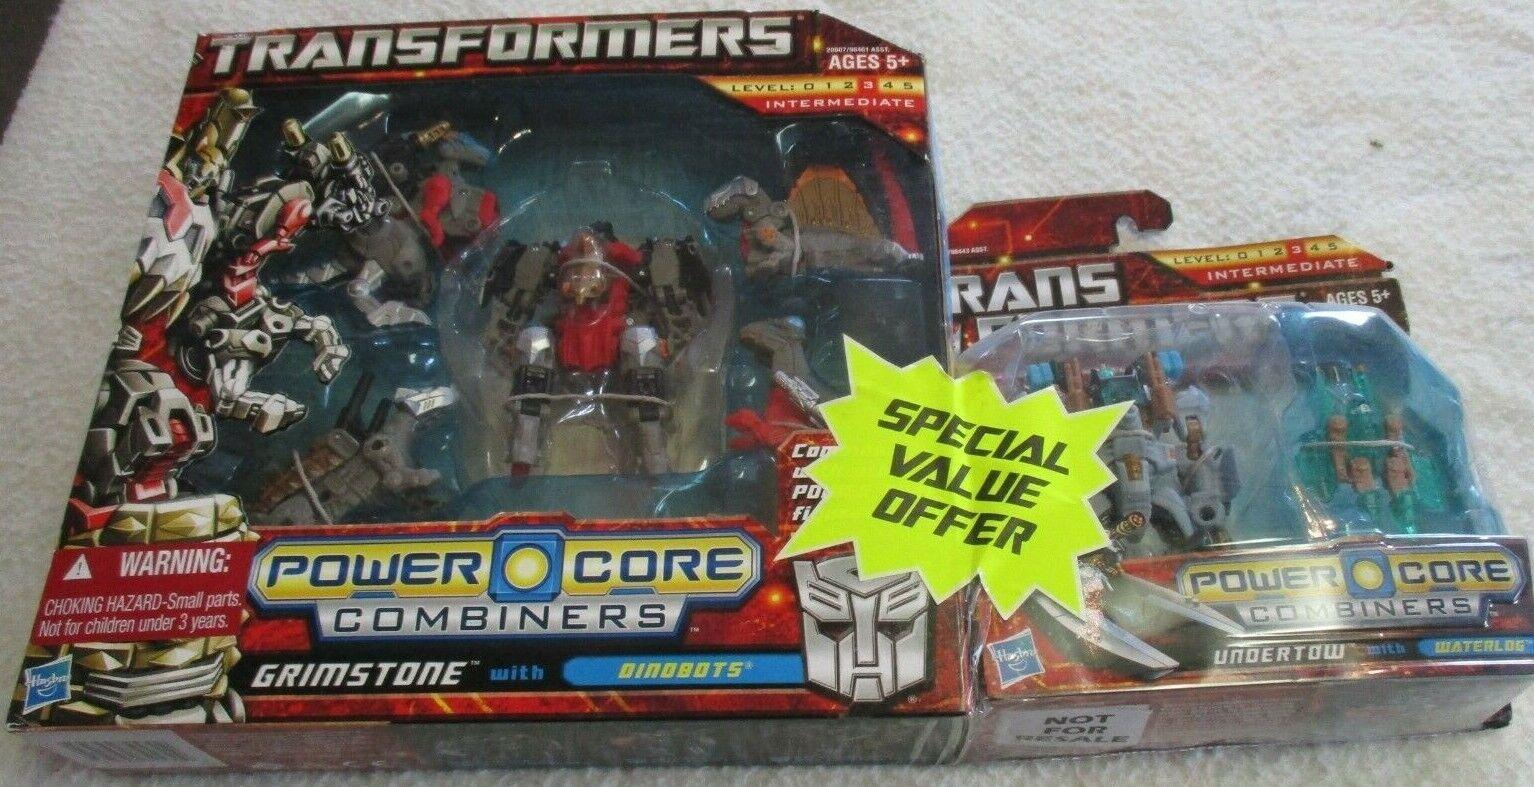 Transformers Power Core coupleurs Grimstone valeur Spéciale Offre avec courant de fond 2010